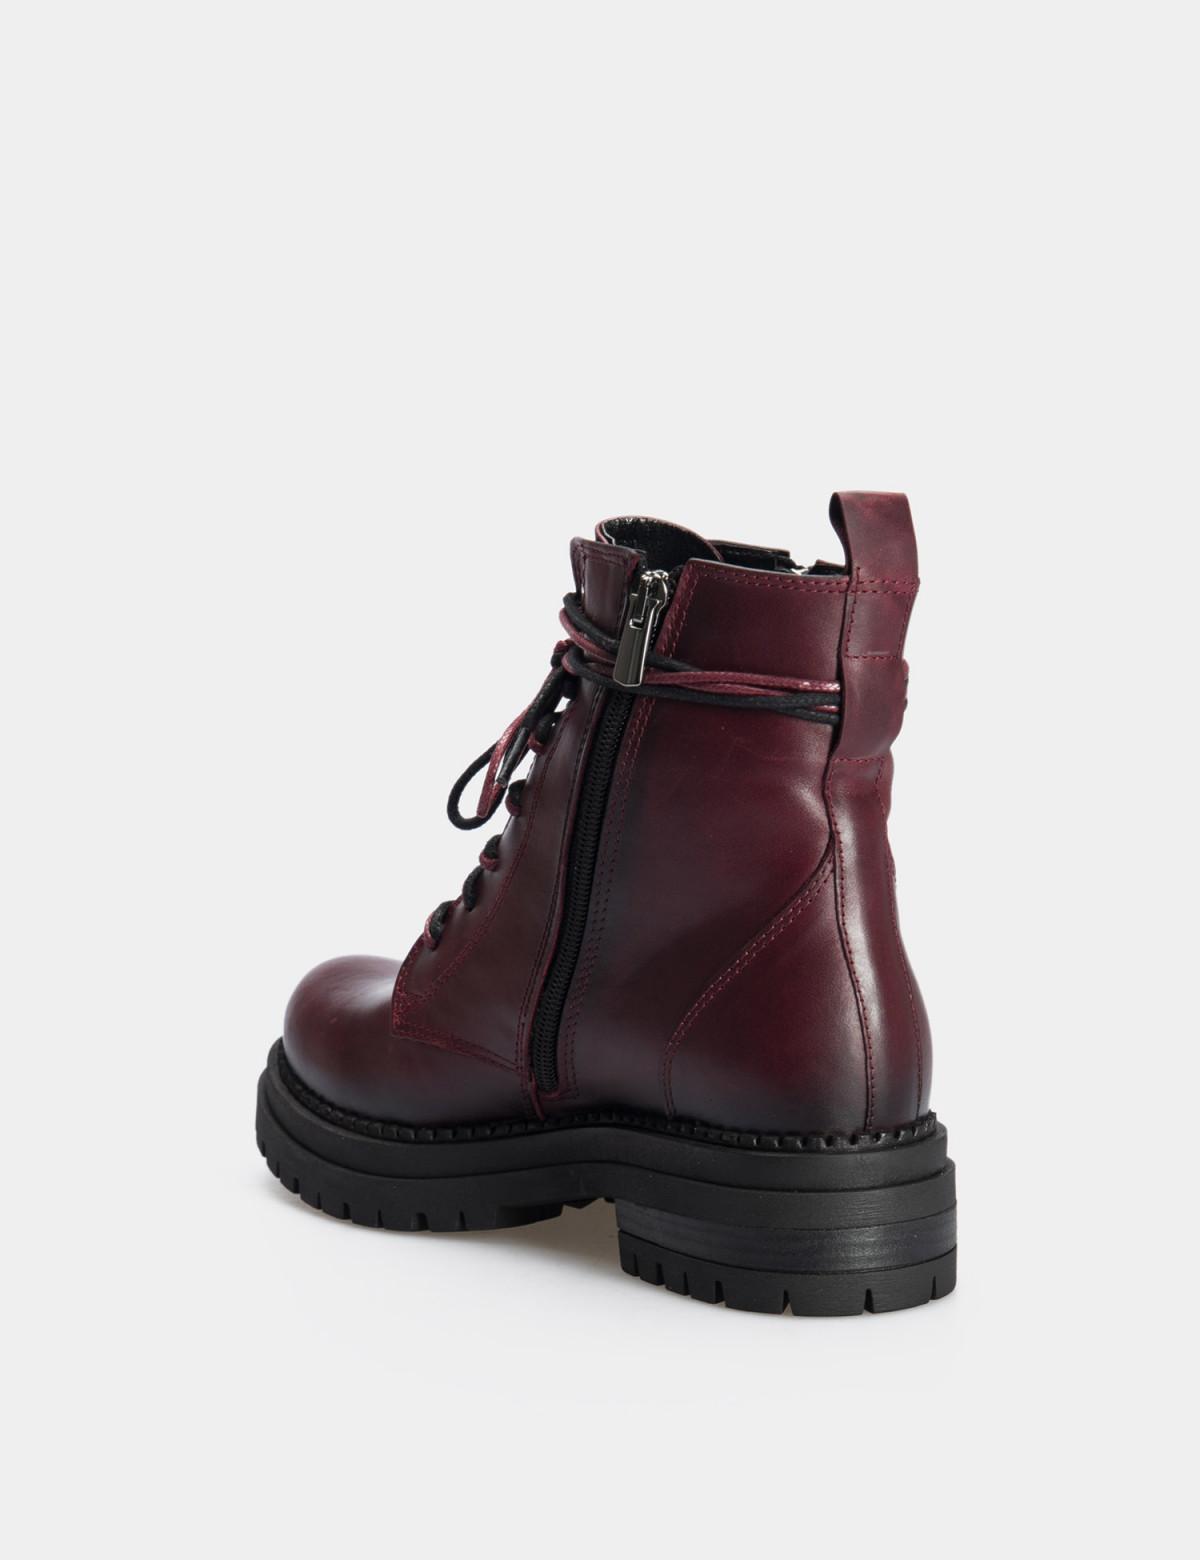 Ботинки бордовые. натуральная кожа. 2